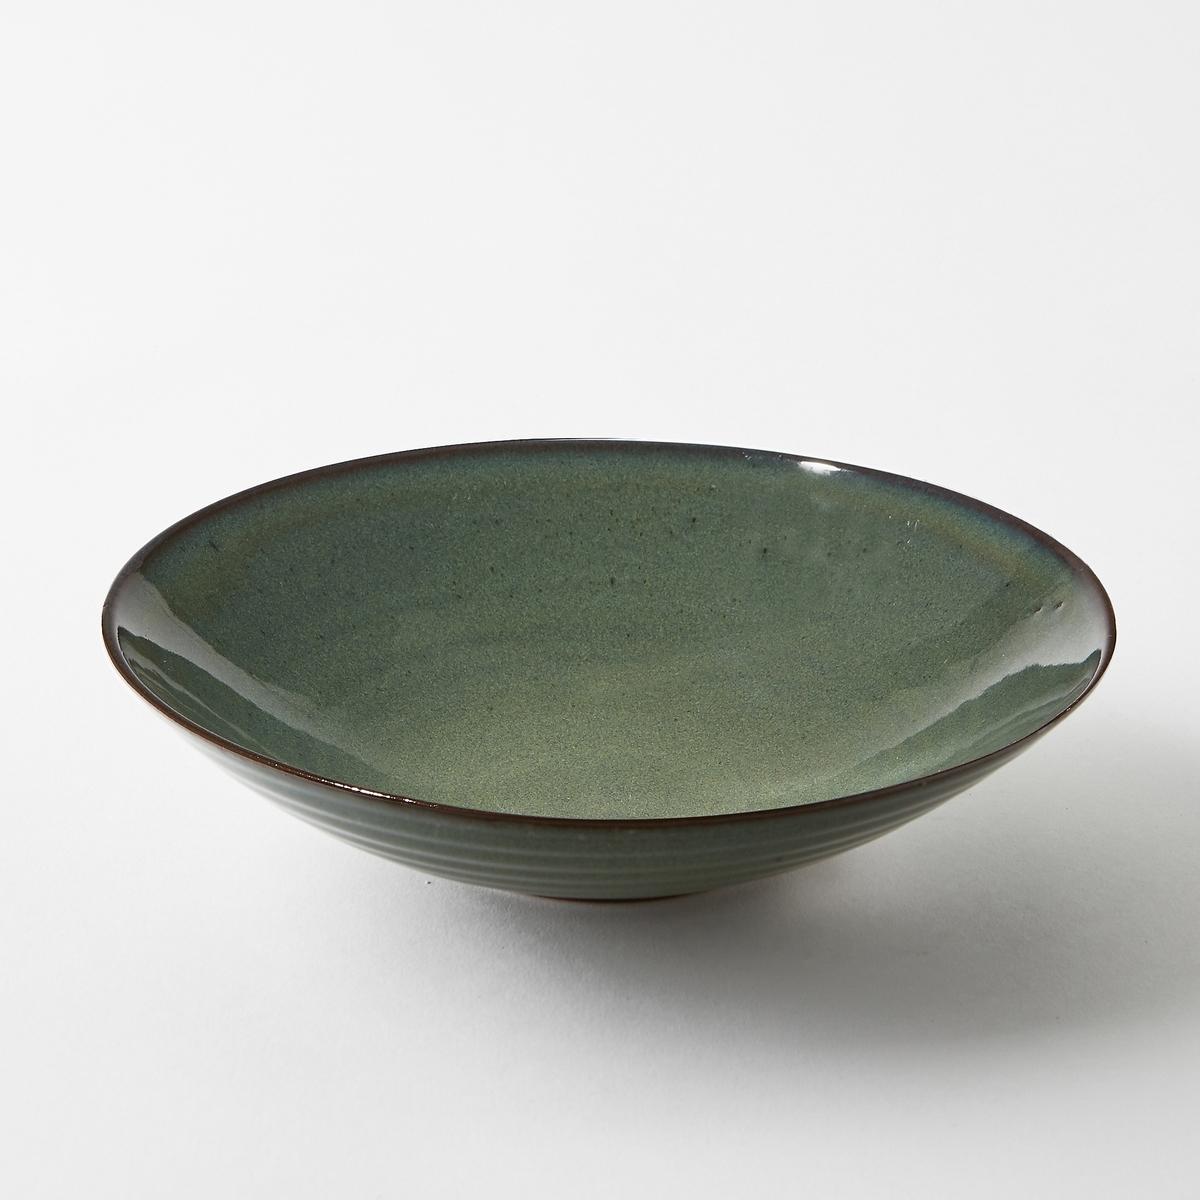 Тарелка глубокая из керамики, диаметр 23 см, Aqua от SeraxХарактеристики :- Из керамики, покрытой глазурью. - Можно использовать в посудомоечных машинах и микроволновых печах - Вся коллекция Aqua на сайте ampm.ru Размеры  : - диаметр 23 x высота 6 см.<br><br>Цвет: бирюзовый,синий<br>Размер: единый размер.единый размер